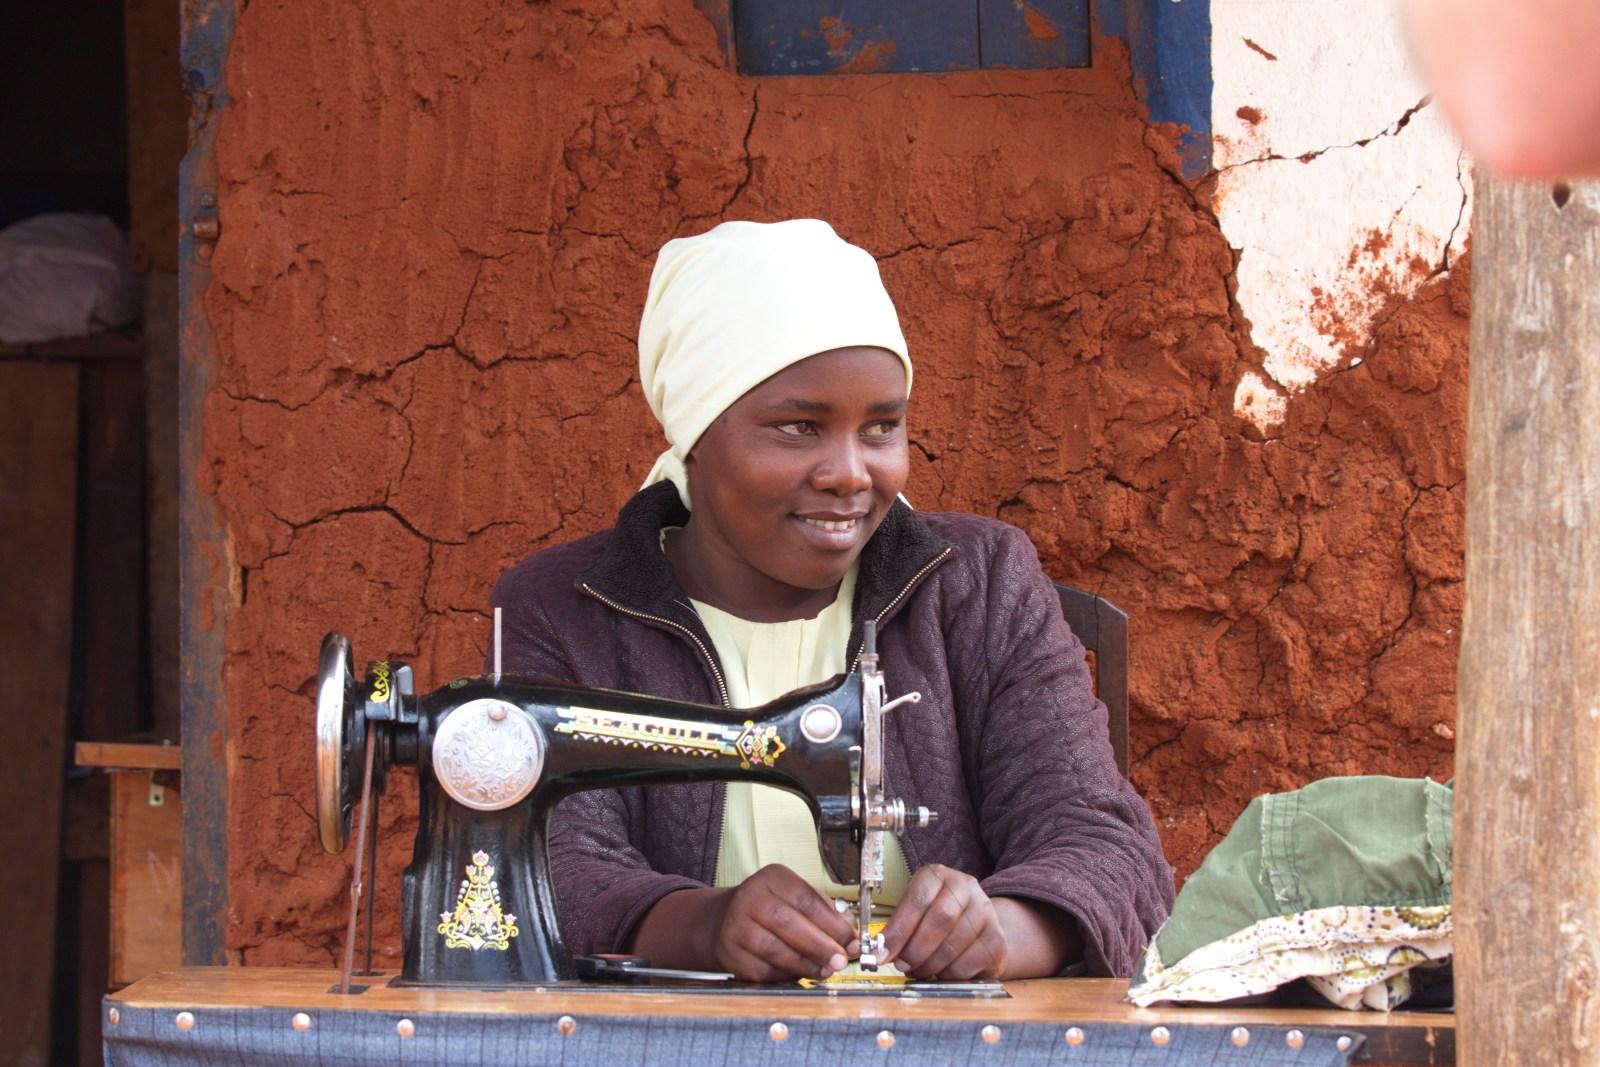 En kvinna som använt sitt mikrolån för att köpa en symaskin